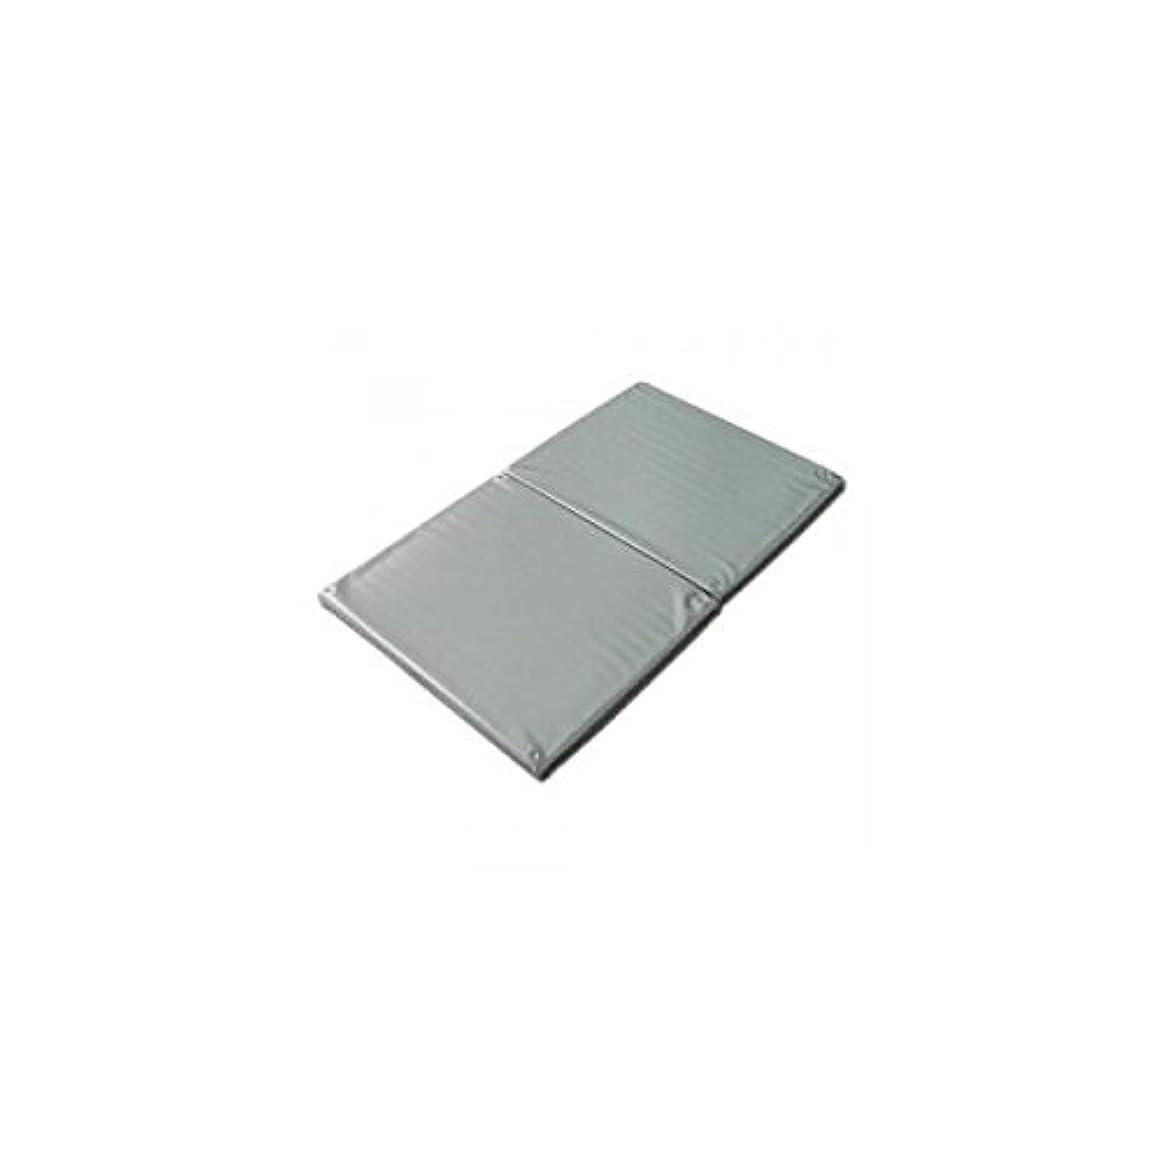 すり減るデクリメントオゾンヨックお風呂のマッサージ用マットP(2ツ折)シルバー 120×70cm│防水マッサージマット ポリエチレン製